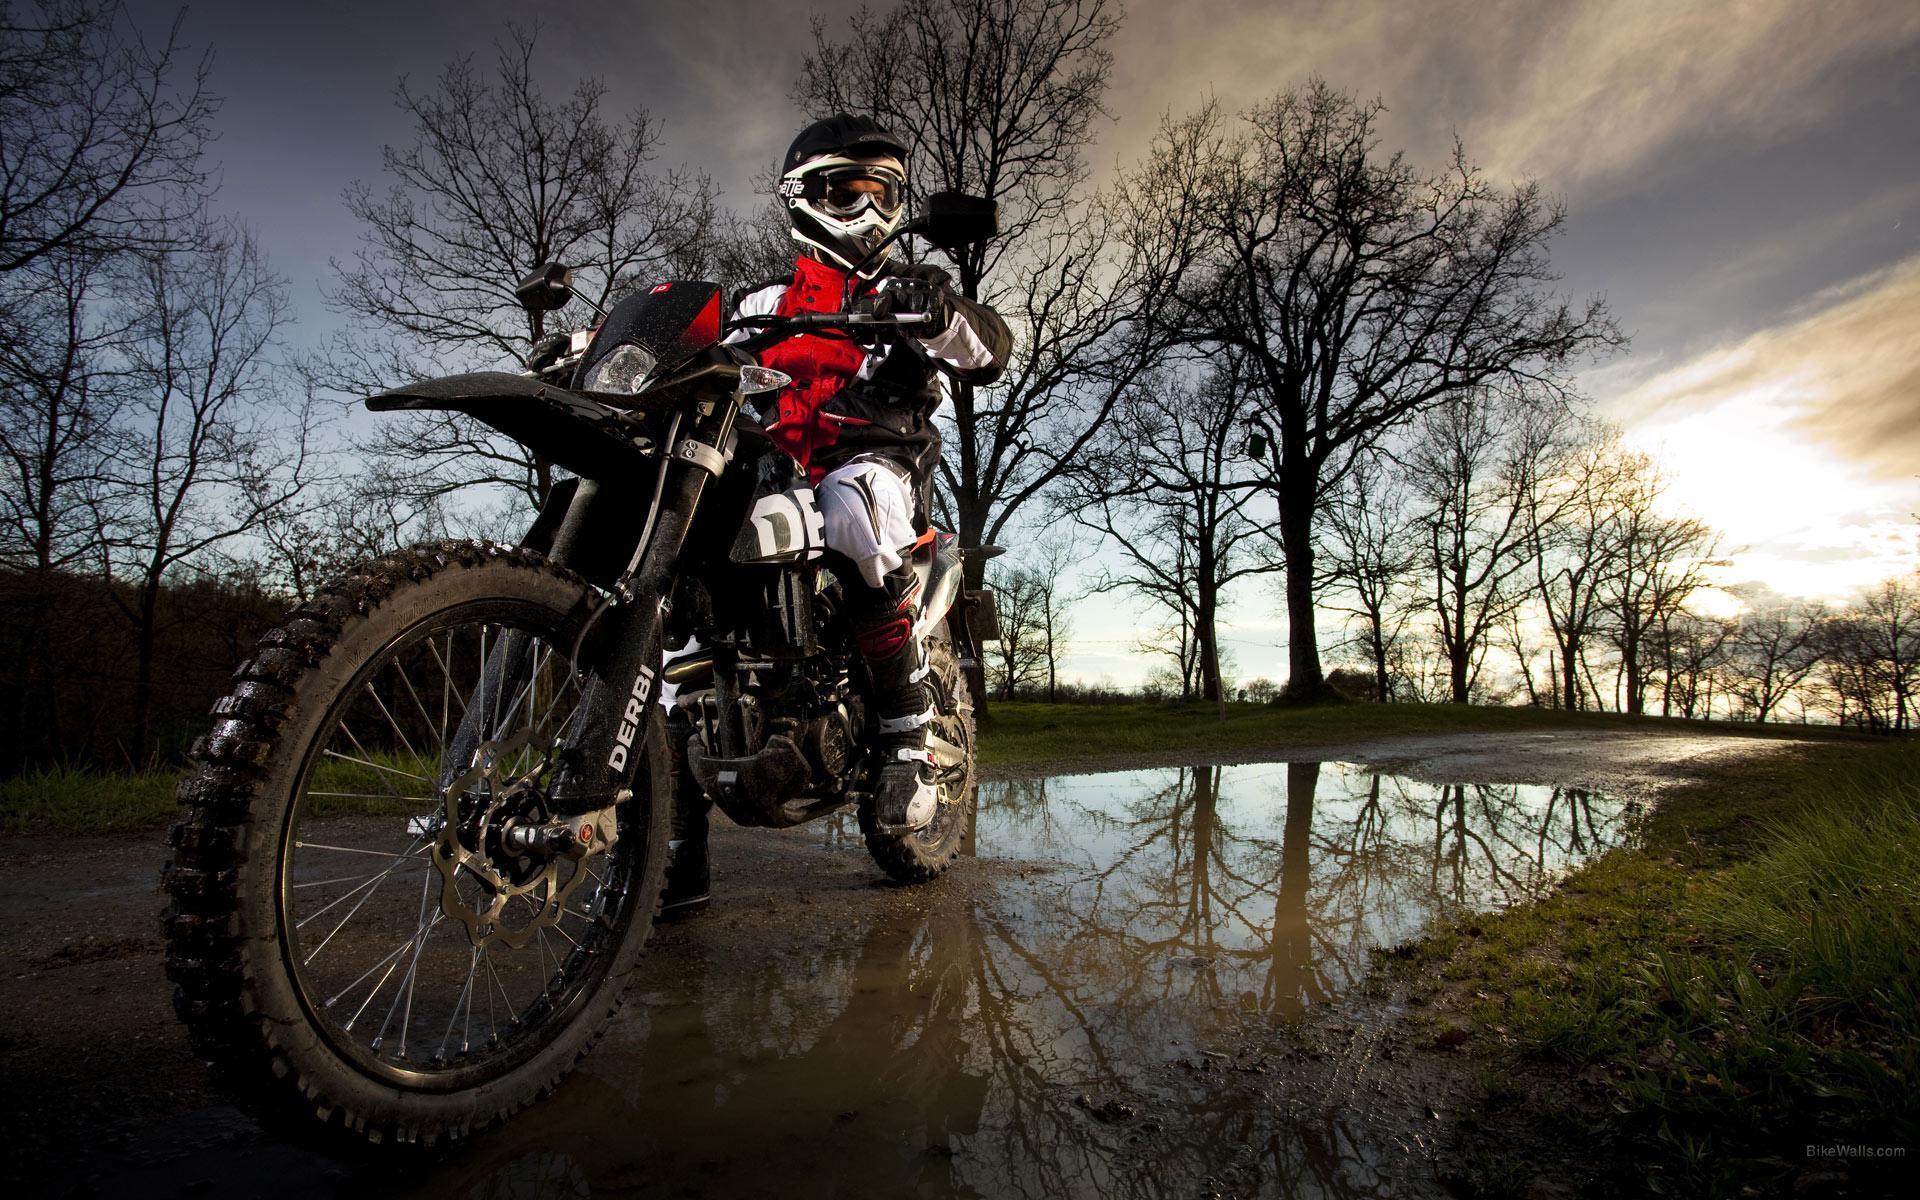 19981 descargar fondo de pantalla Deportes, Transporte, Motocicletas, Motocross: protectores de pantalla e imágenes gratis